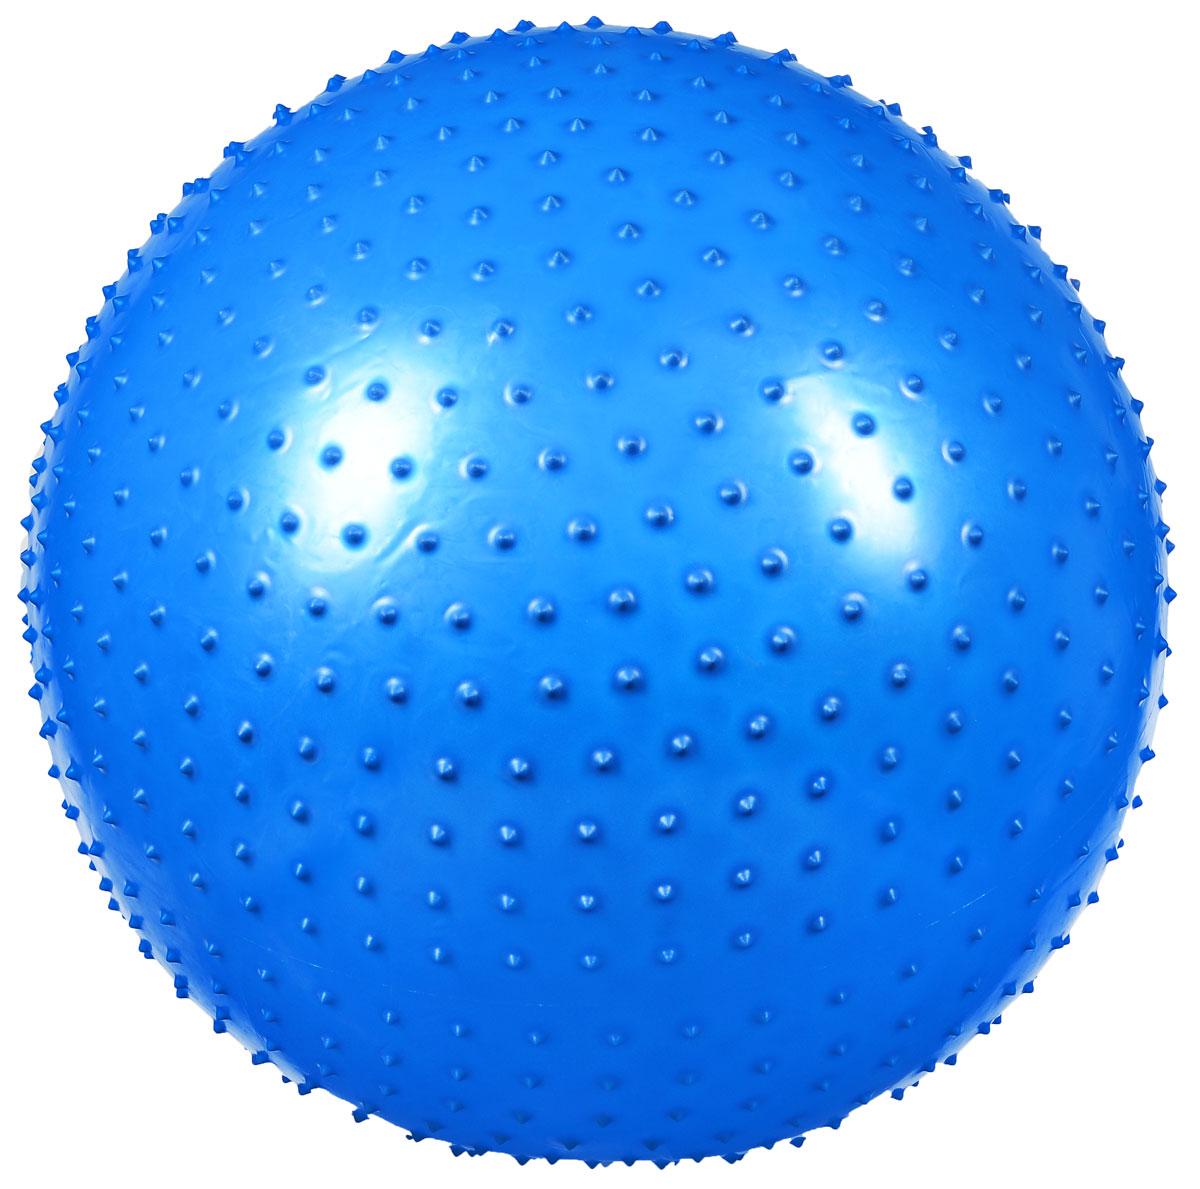 Фитбол массажный Ironmaster, цвет: синий, диаметр 75 см фитбол 100 см